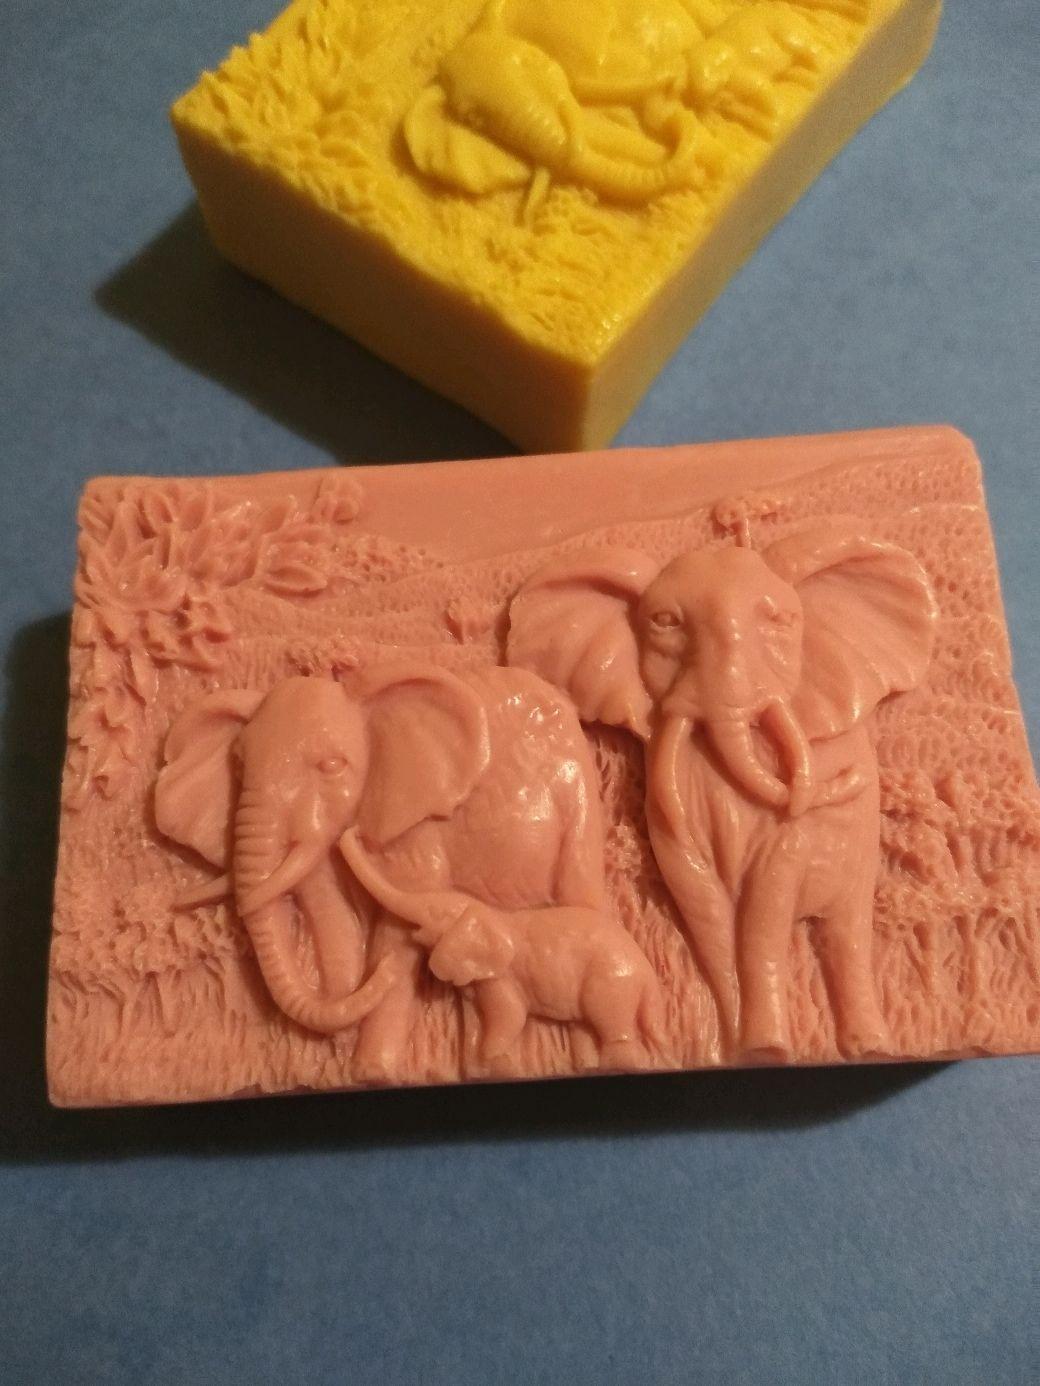 Мыло ручной работы. Ярмарка Мастеров - ручная работа. Купить Мыло - Слон. Handmade. Сувенирное мыло